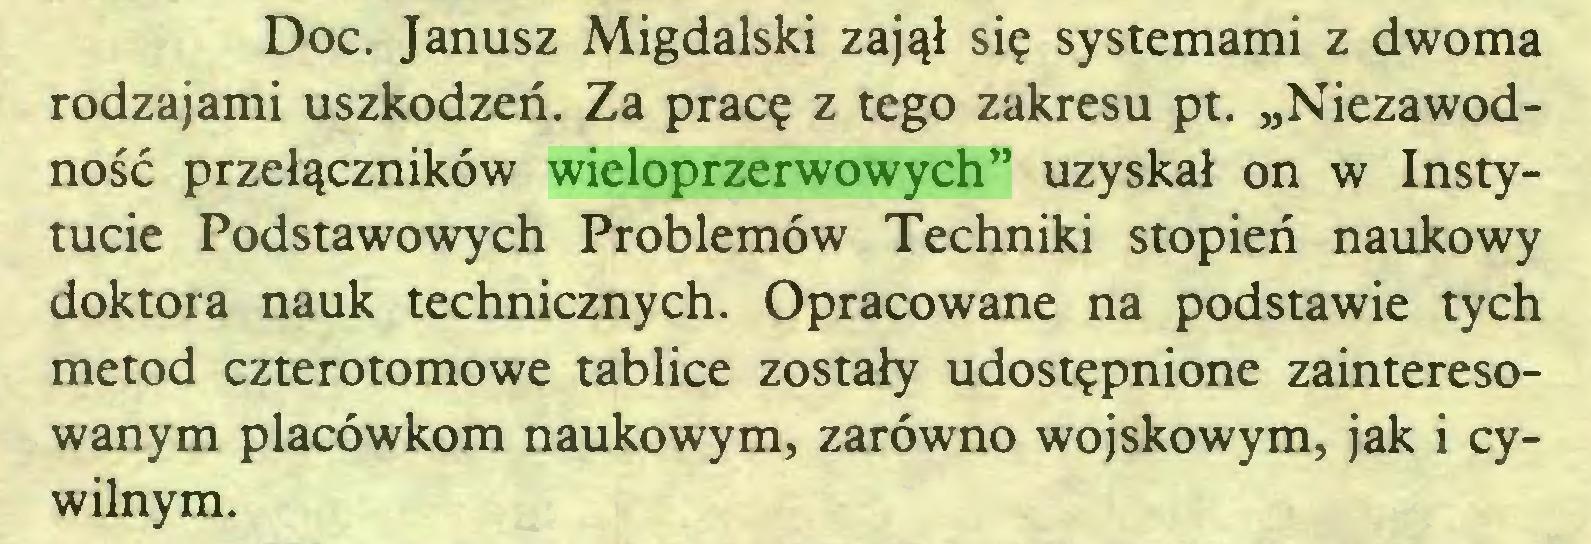 """(...) Doc. Janusz Migdalski zajął się systemami z dwoma rodzajami uszkodzeń. Za pracę z tego zakresu pt. """"Niezawodność przełączników wieloprzerwowych"""" uzyskał on w Instytucie Podstawowych Problemów Techniki stopień naukowy doktora nauk technicznych. Opracowane na podstawie tych metod czterotomowe tablice zostały udostępnione zainteresowanym placówkom naukowym, zarówno wojskowym, jak i cywilnym..."""